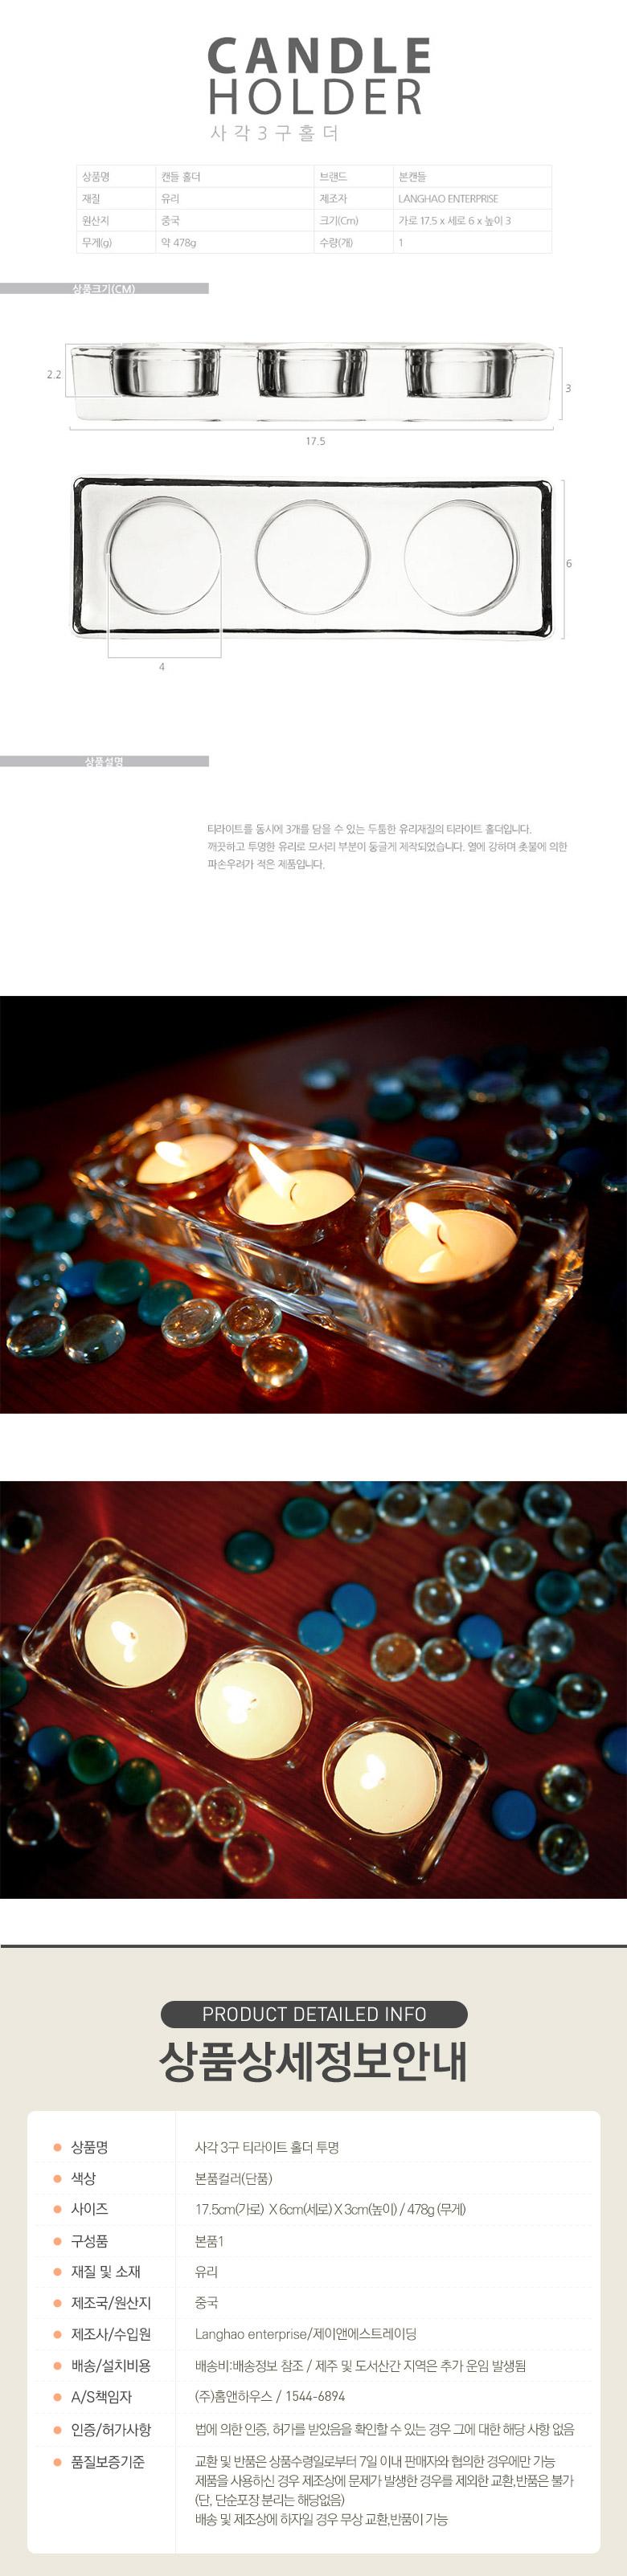 사각 3구 티라이트 홀더 투명 - 홈앤하우스, 8,400원, 캔들, 캔들홀더/소품